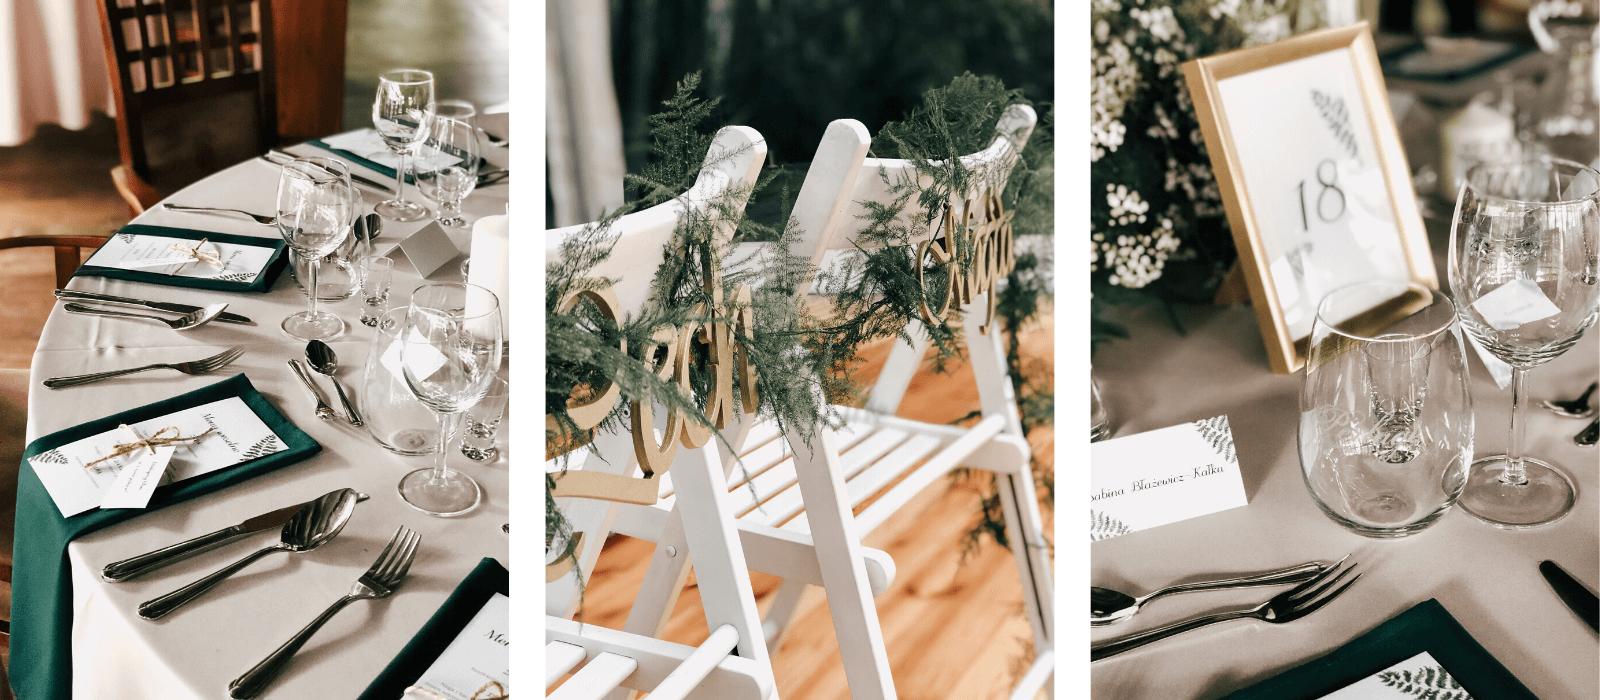 realizacje dodatki weselne paproć design your wedding